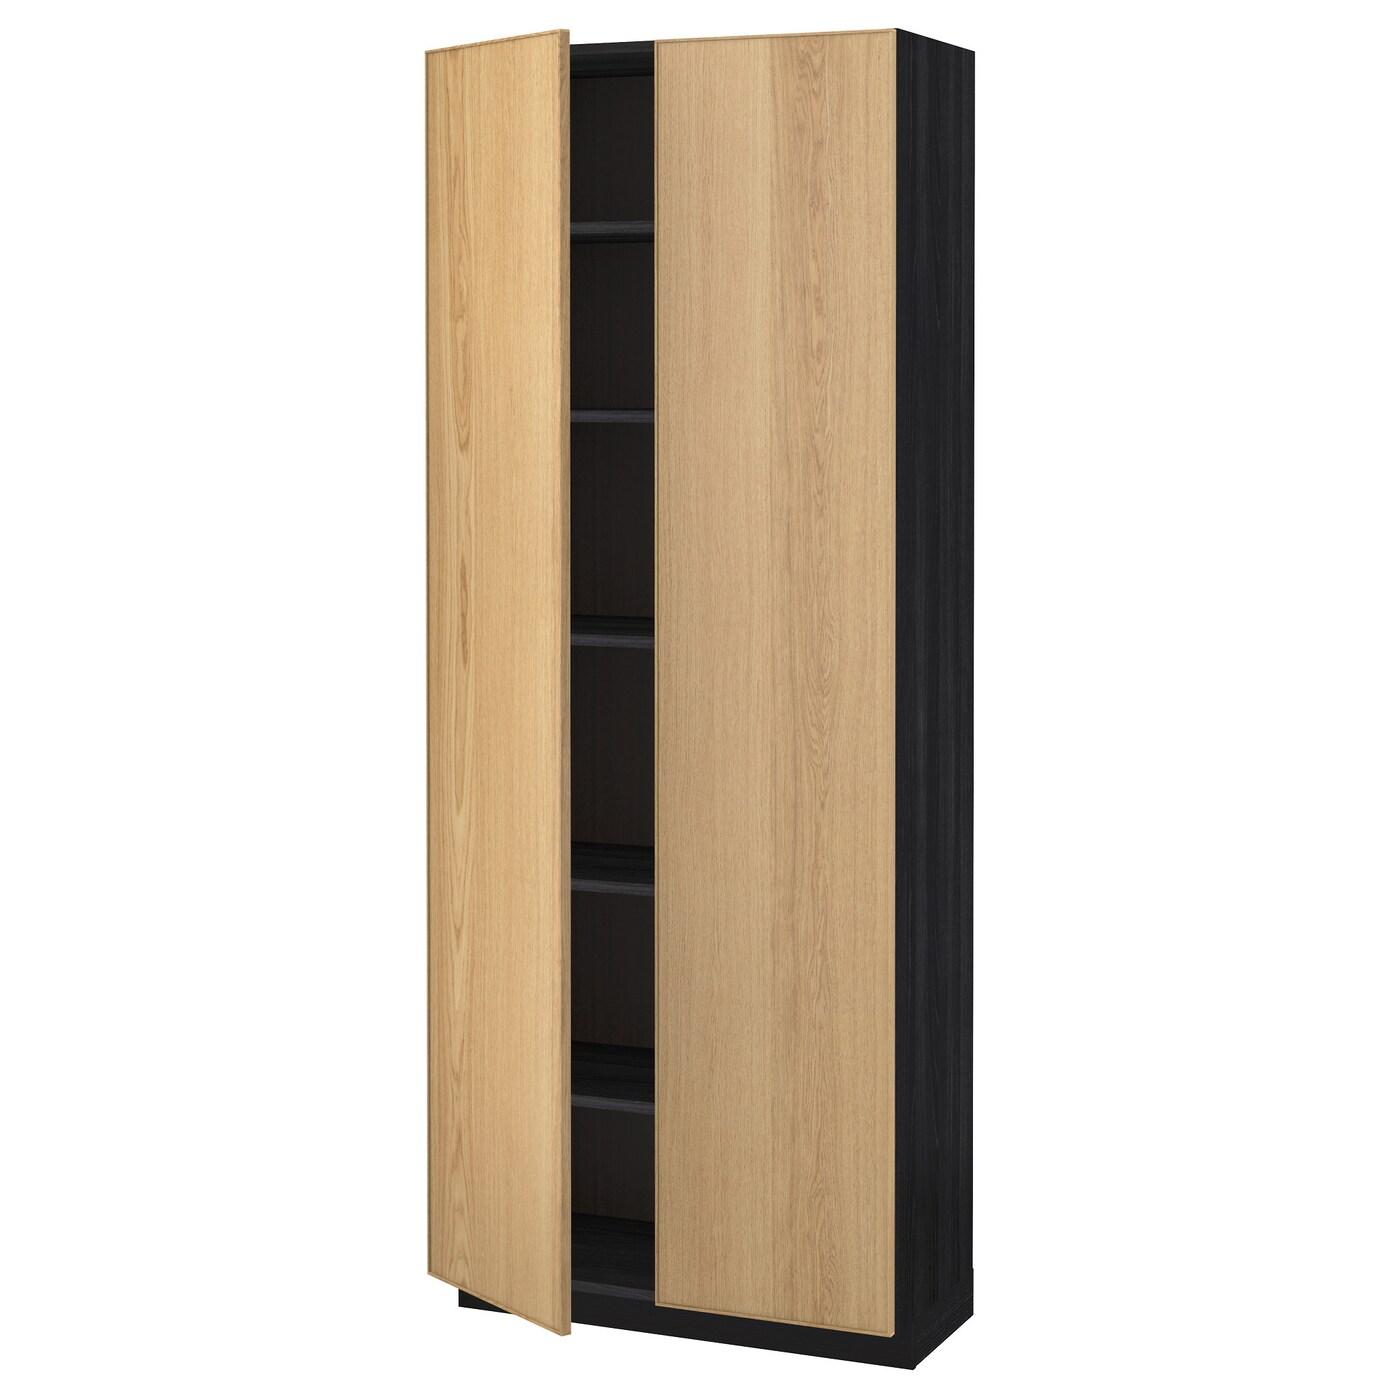 METOD, Hochschrank mit Einlegeböden, schwarz 890.982.82